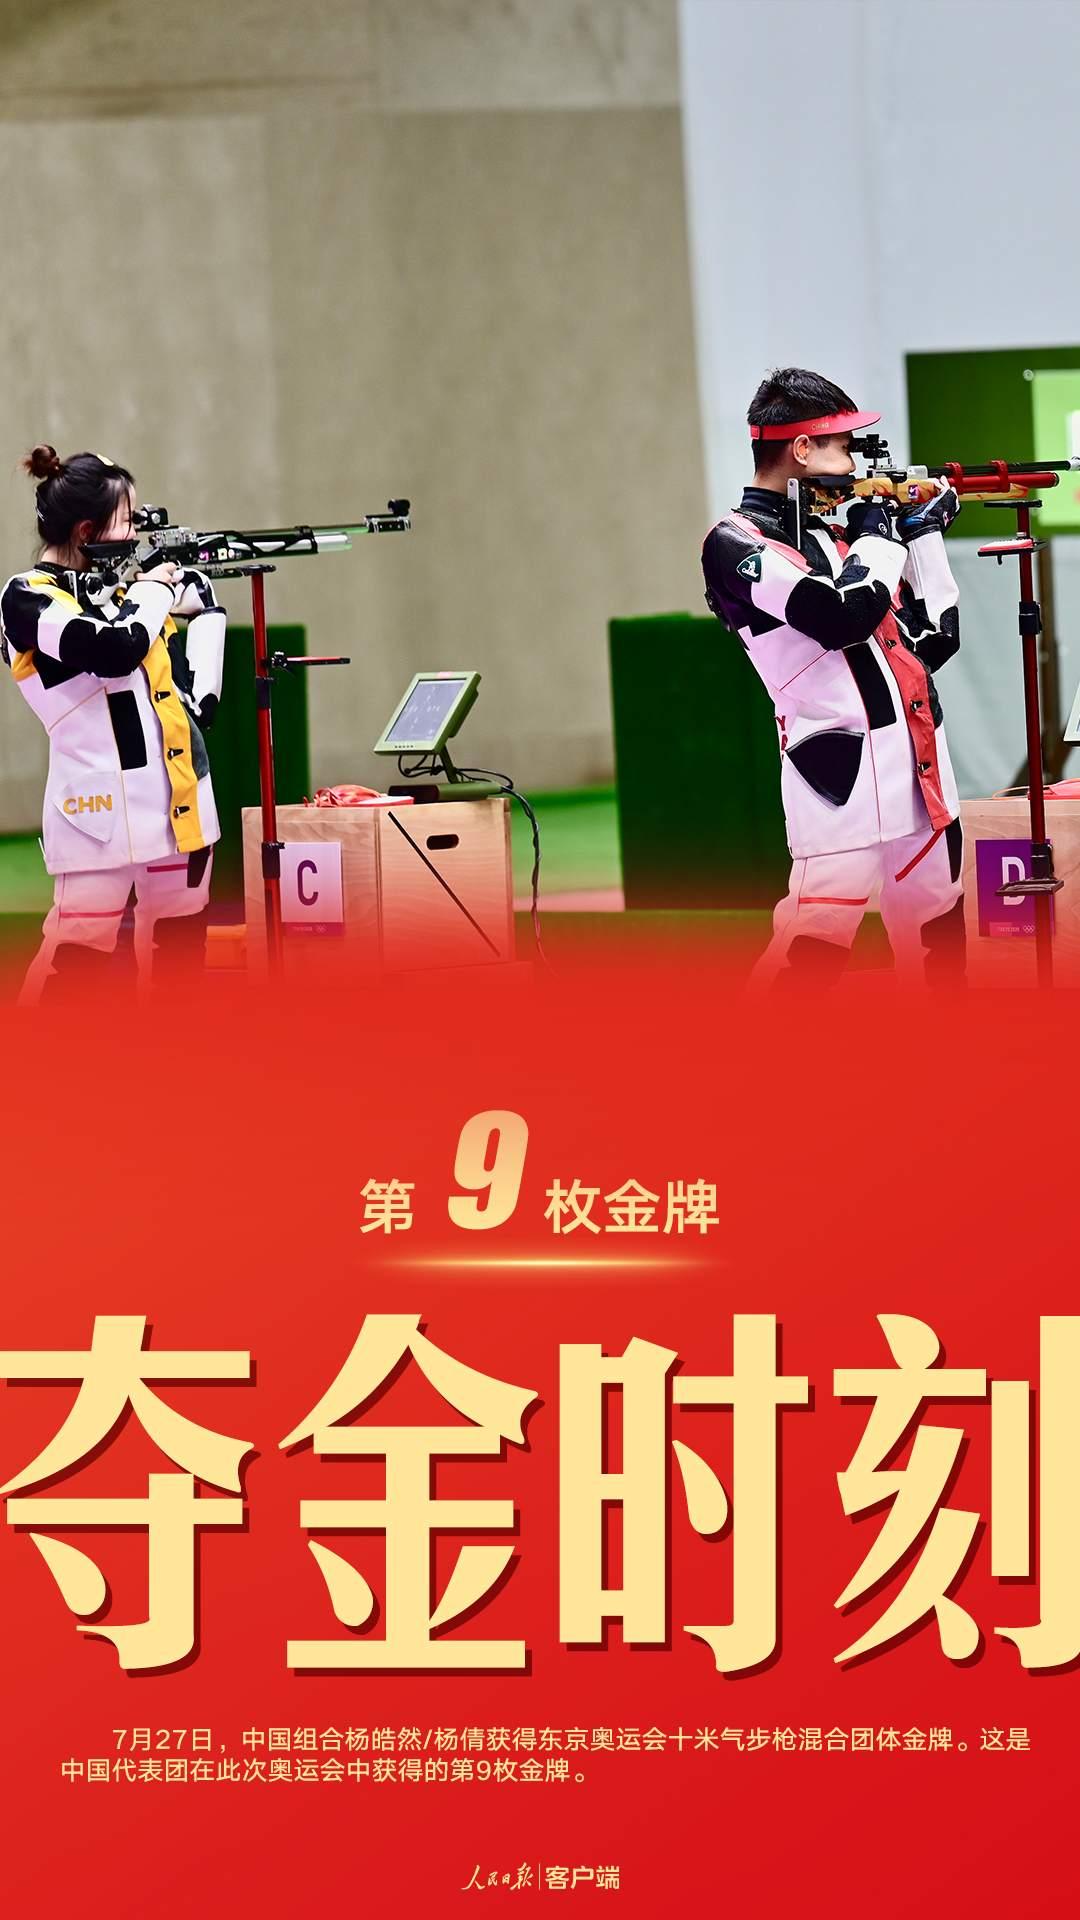 第9金!杨皓然/杨倩获得十米气步枪混合团体金牌